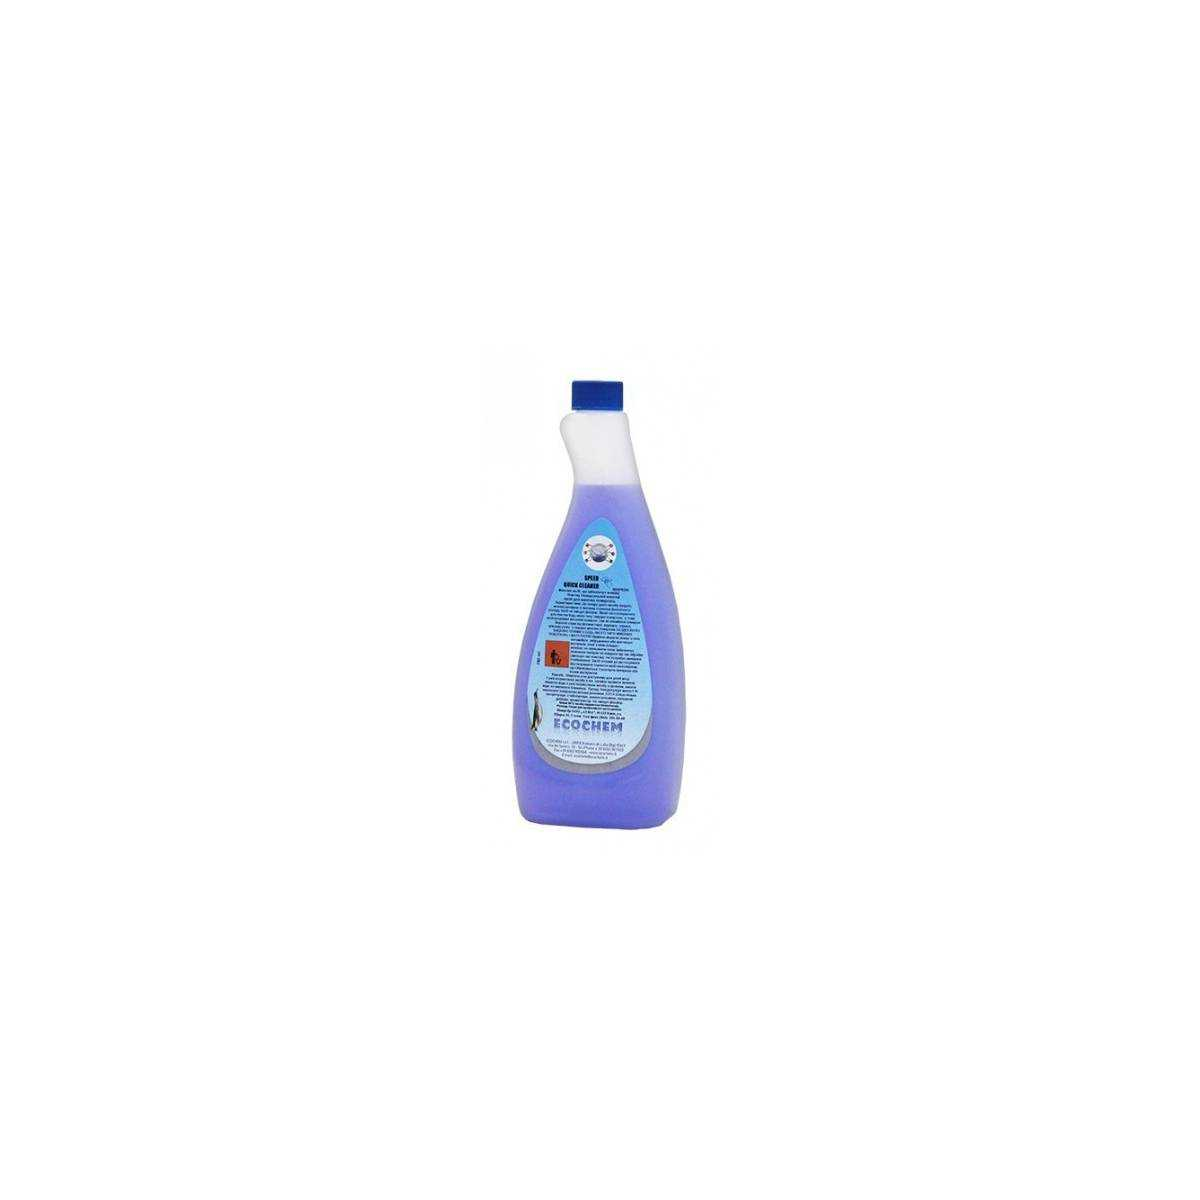 Средство универсальное моющее 0,75л SPEED QUICK CLEANER ECOCHEM